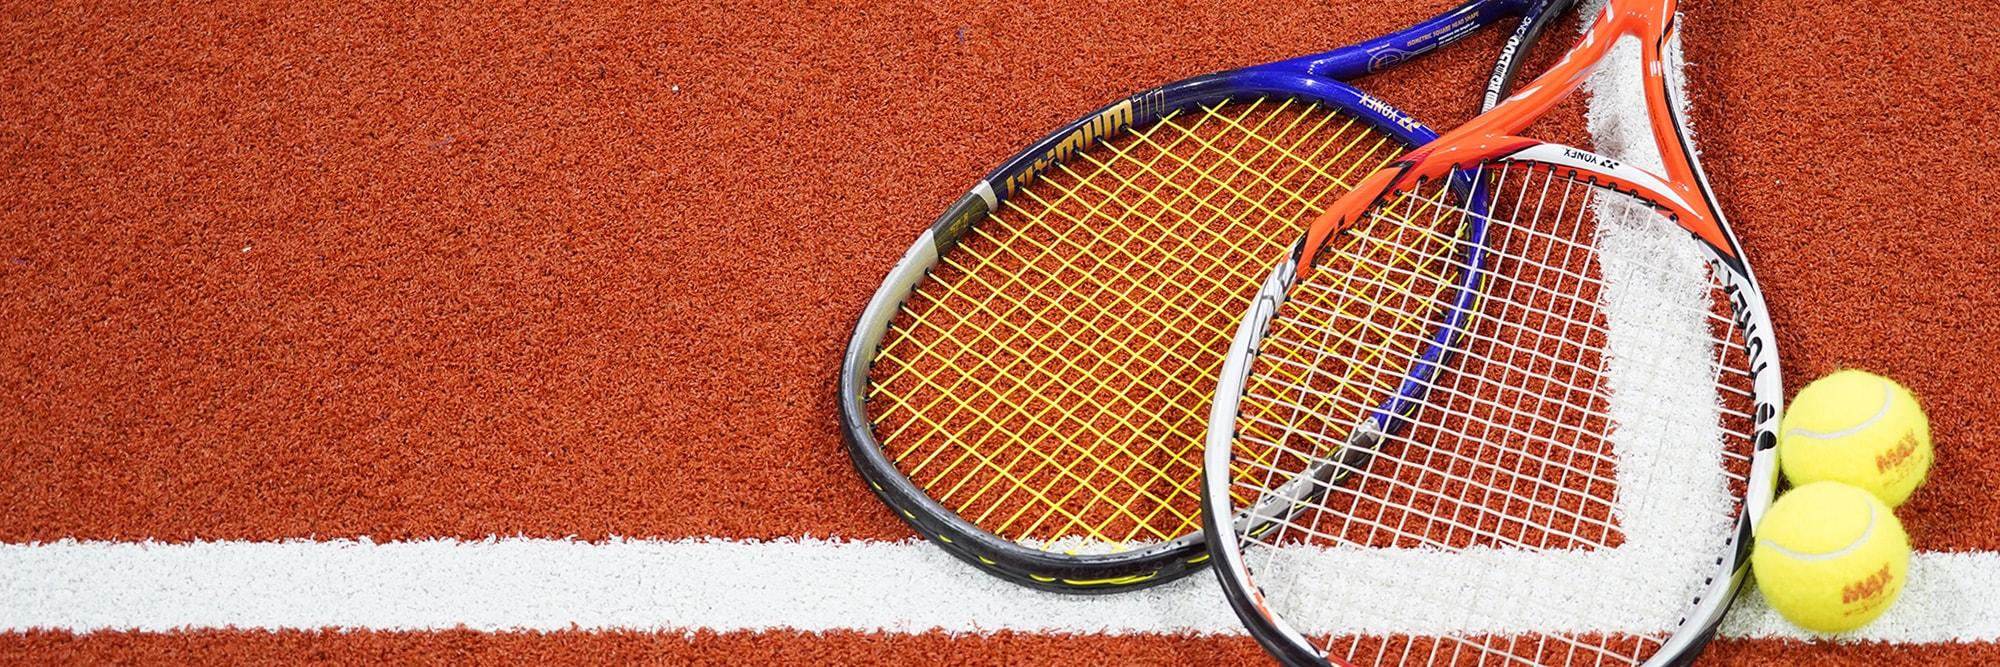 MAXテニス|イベント案内|7/18 レッドボールテニス大会(スクール生、非スクール生不問)